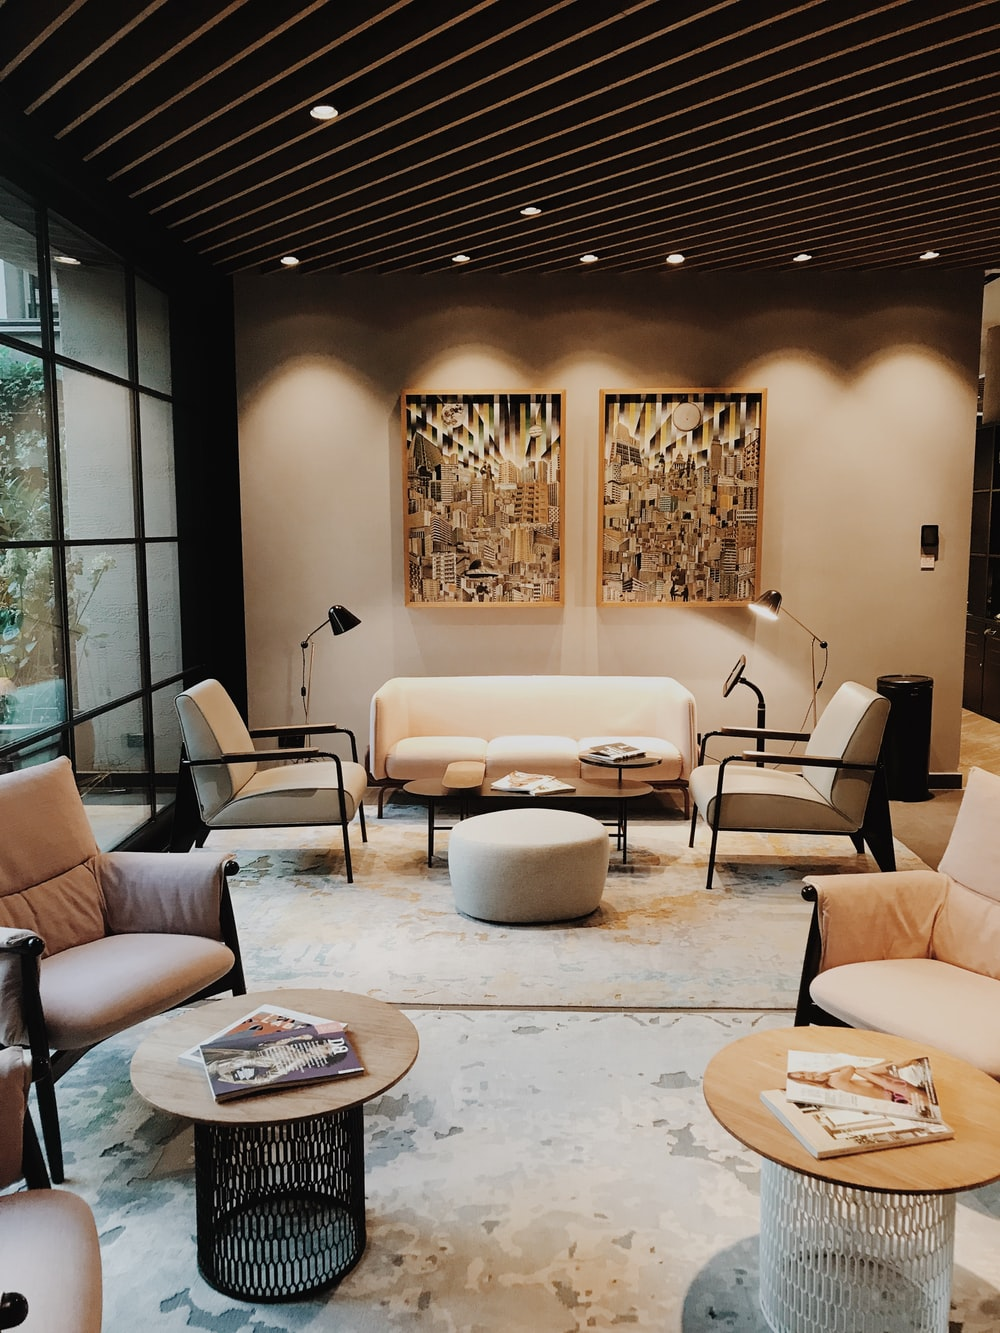 部屋の中に置かれる黒い金属によって組み立てられるベージュのパッドを入れられたソファー